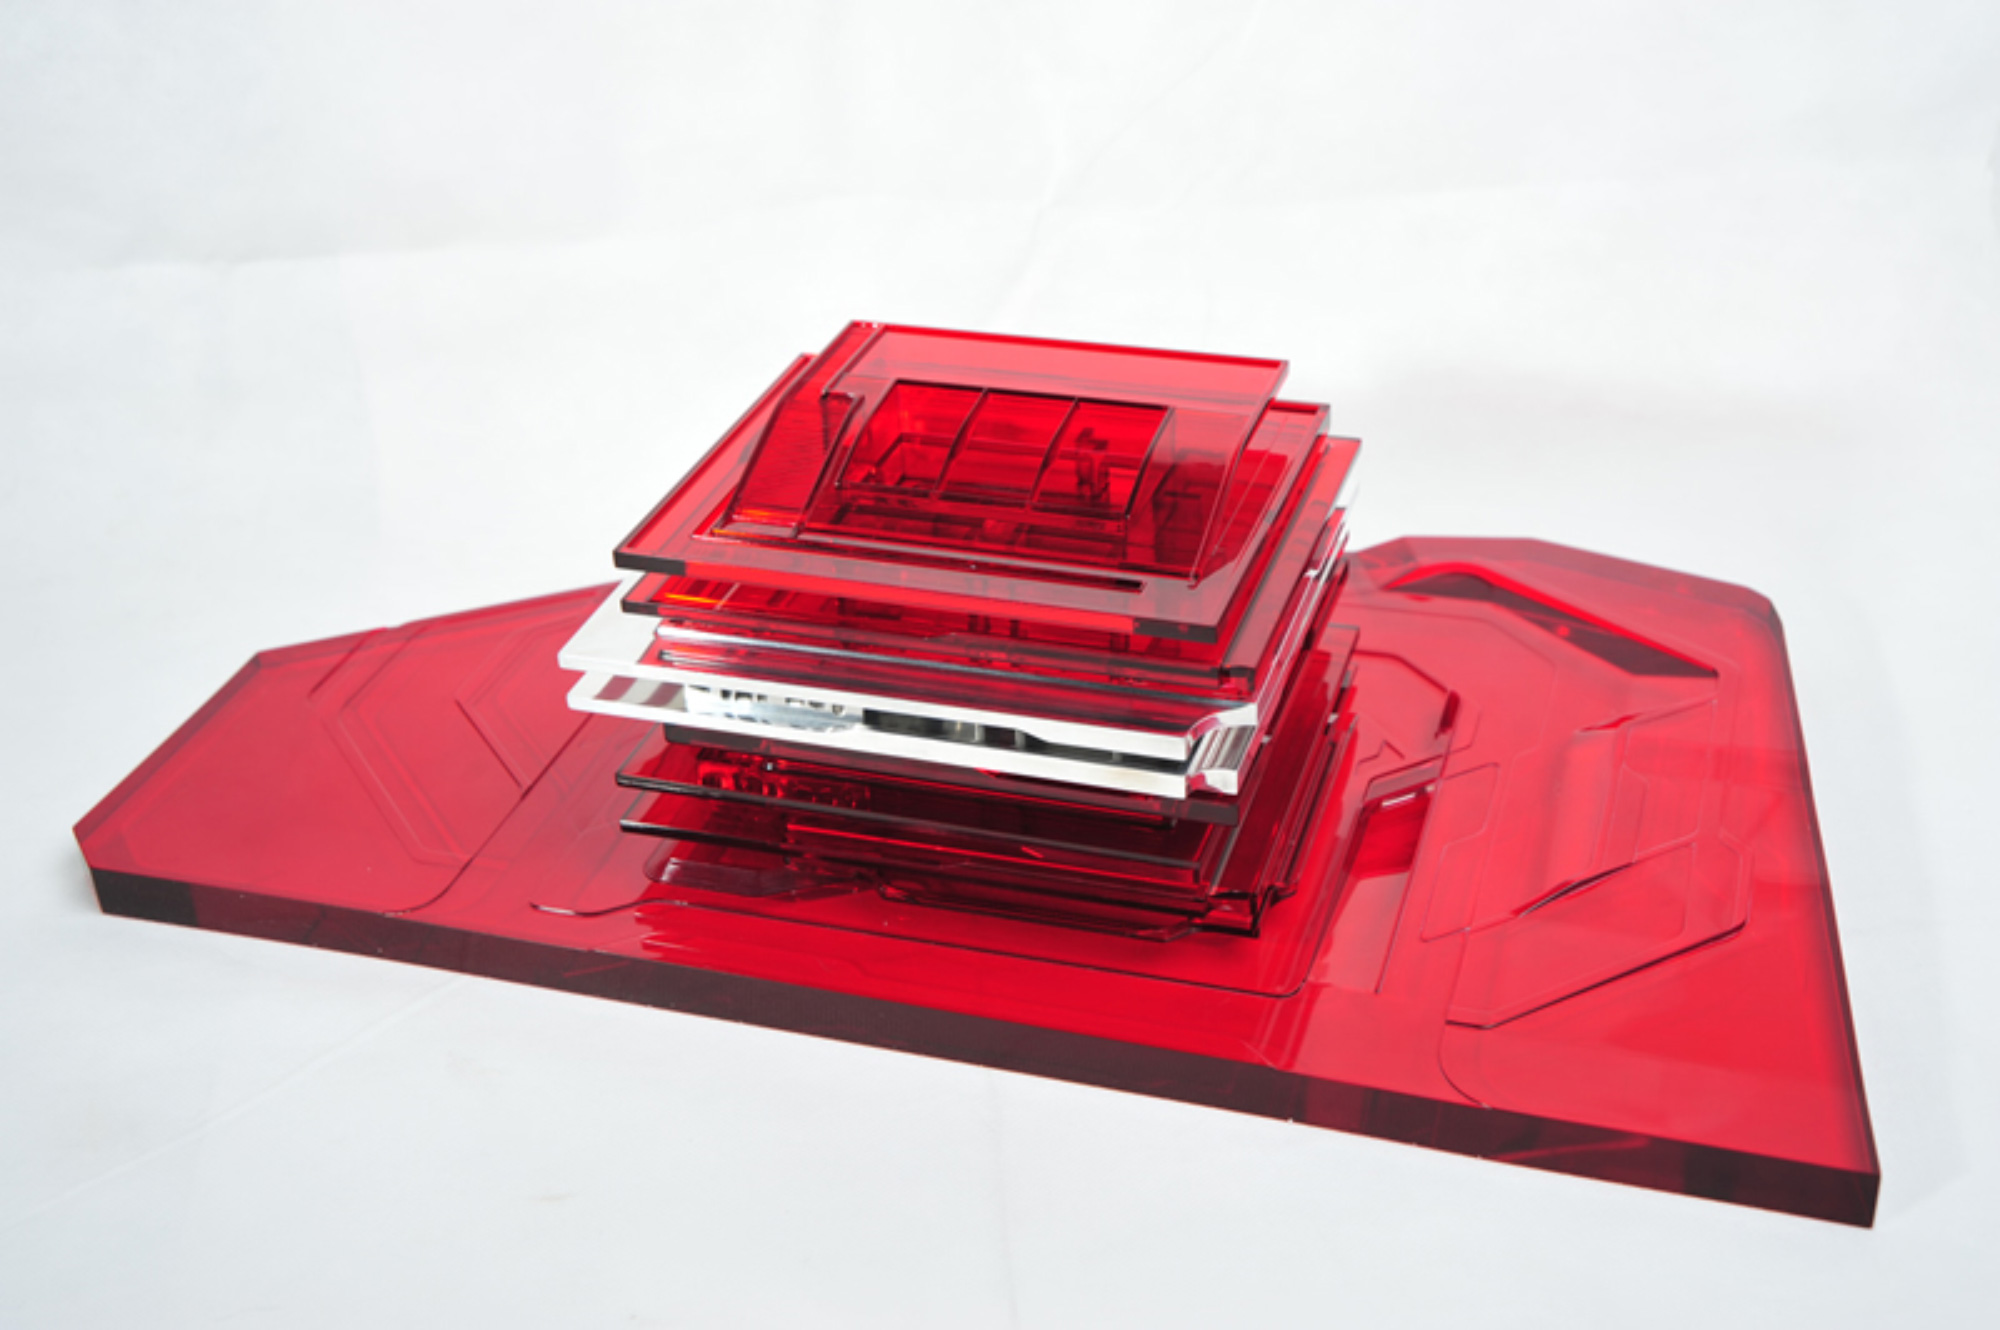 Modello di studio © Zaha Hadid Architects